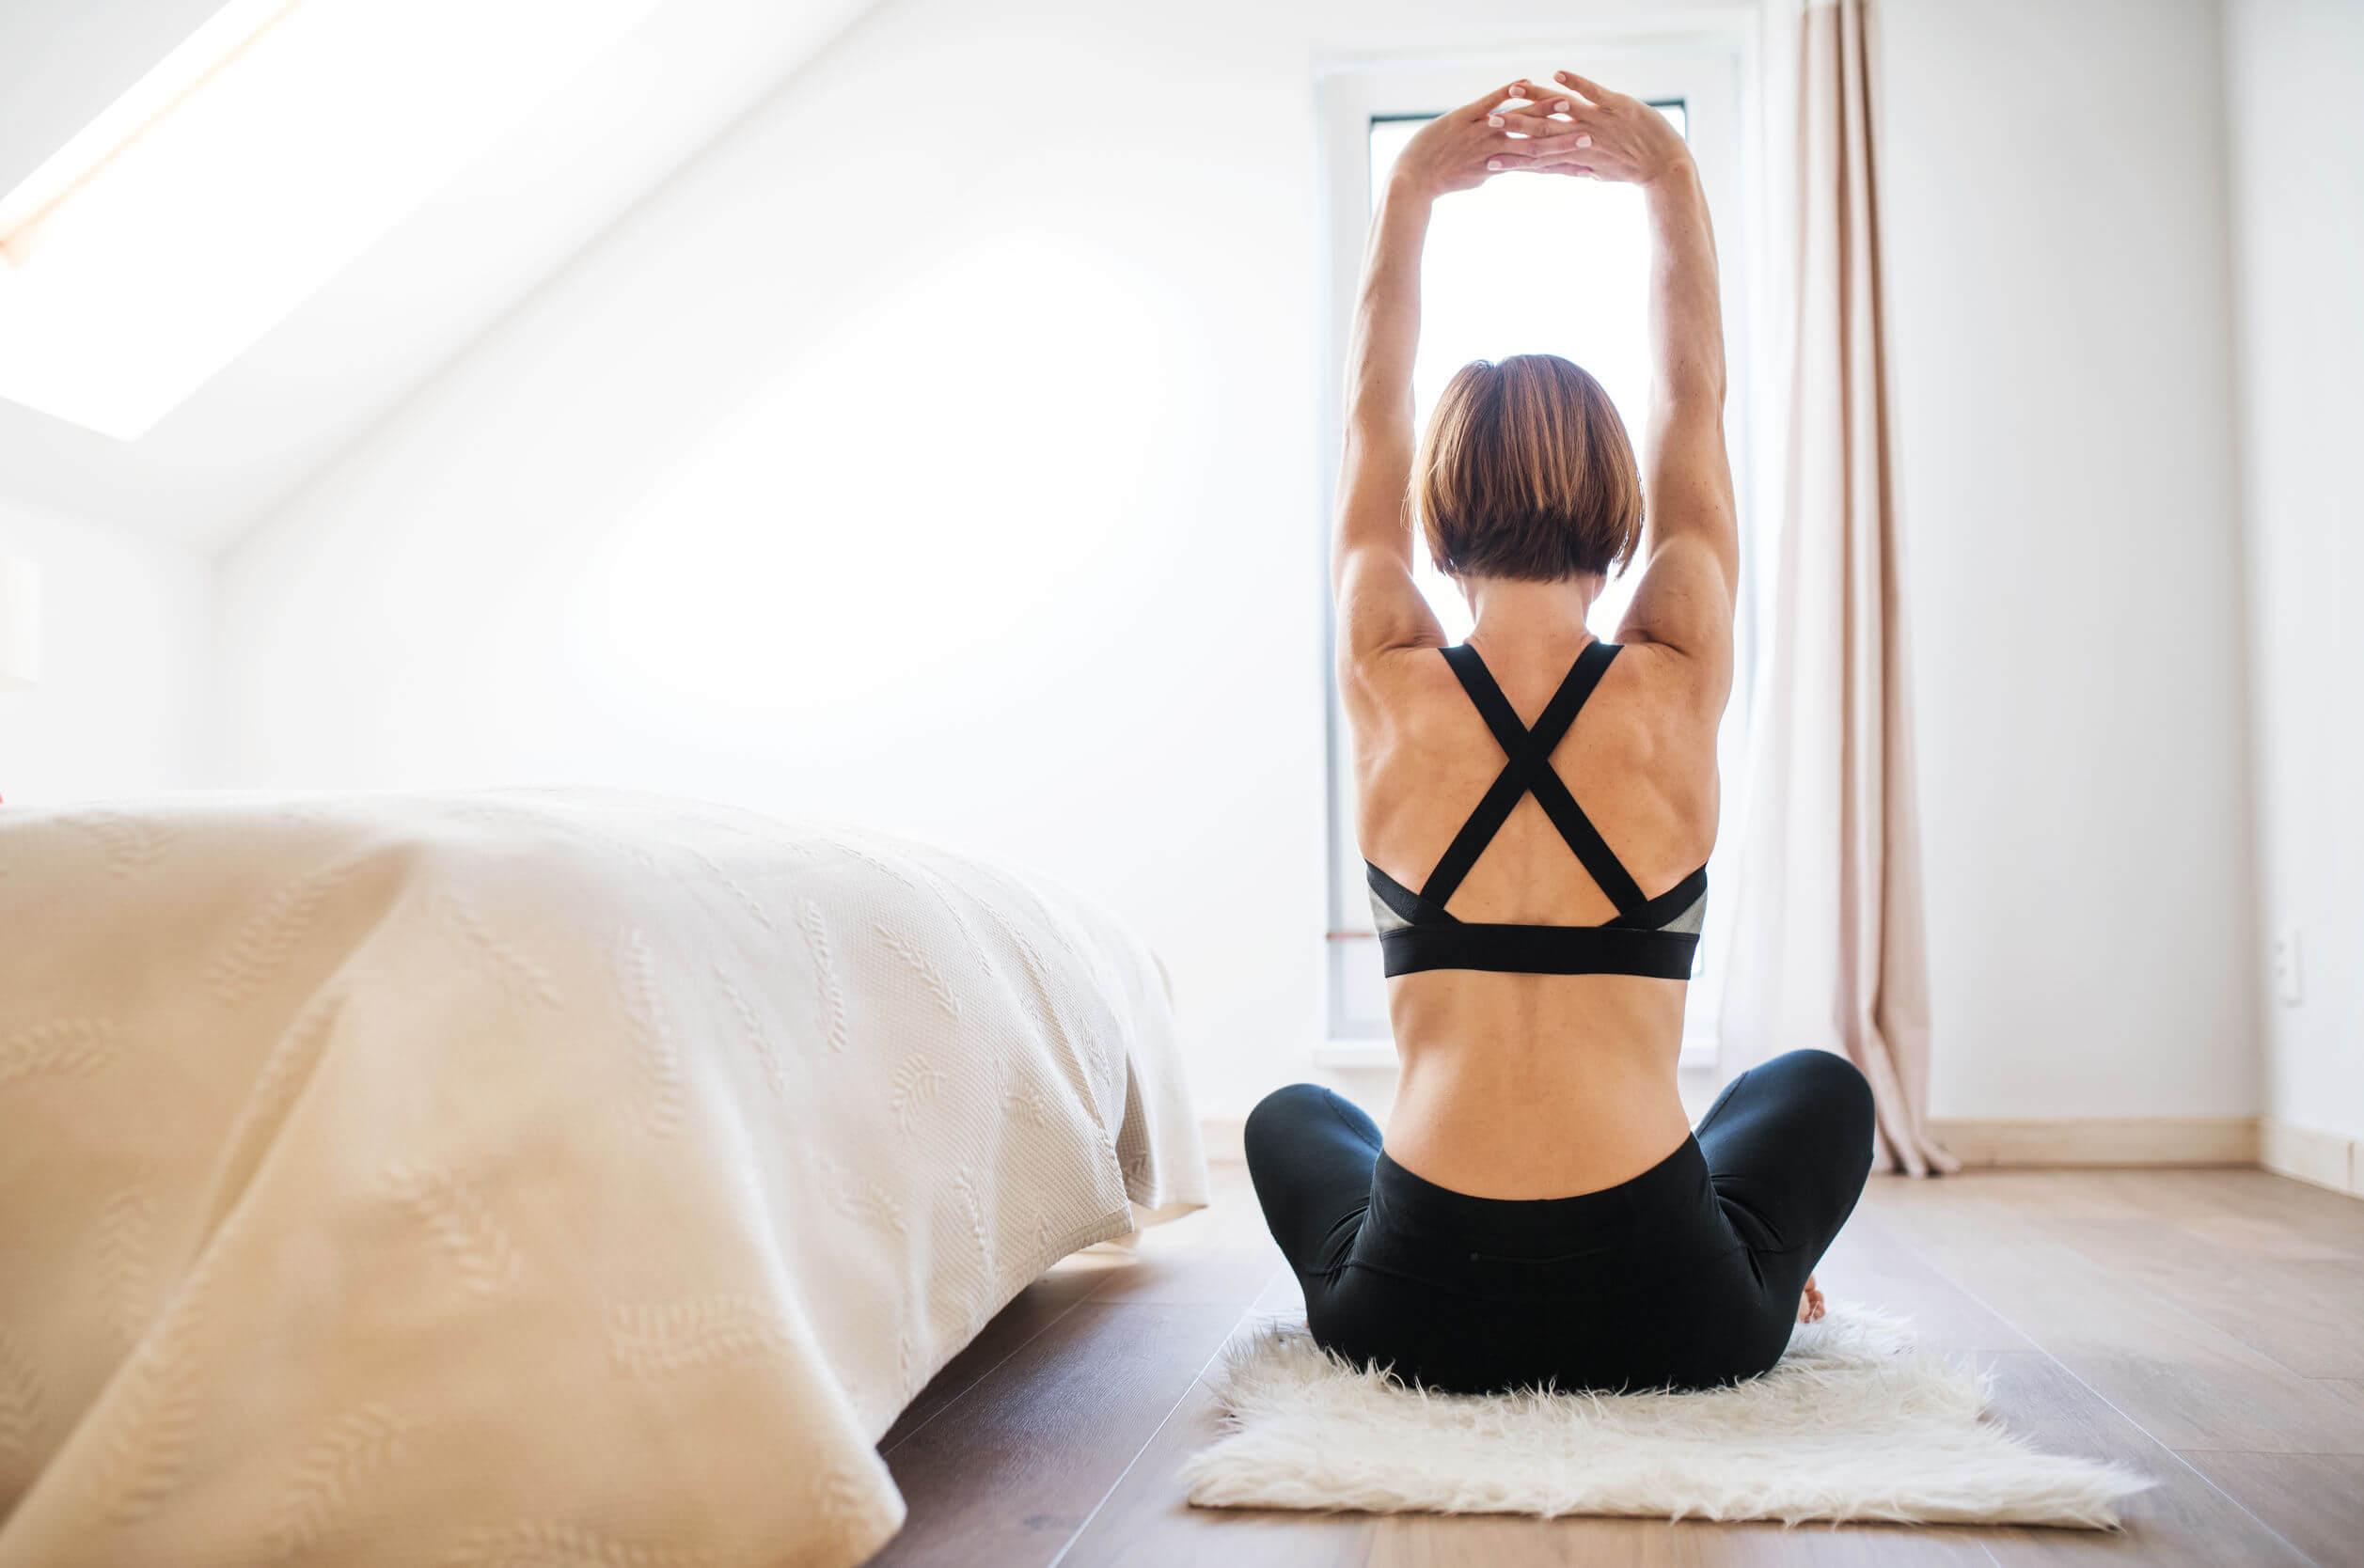 La flexibilidad debe entrenarse de forma constante.